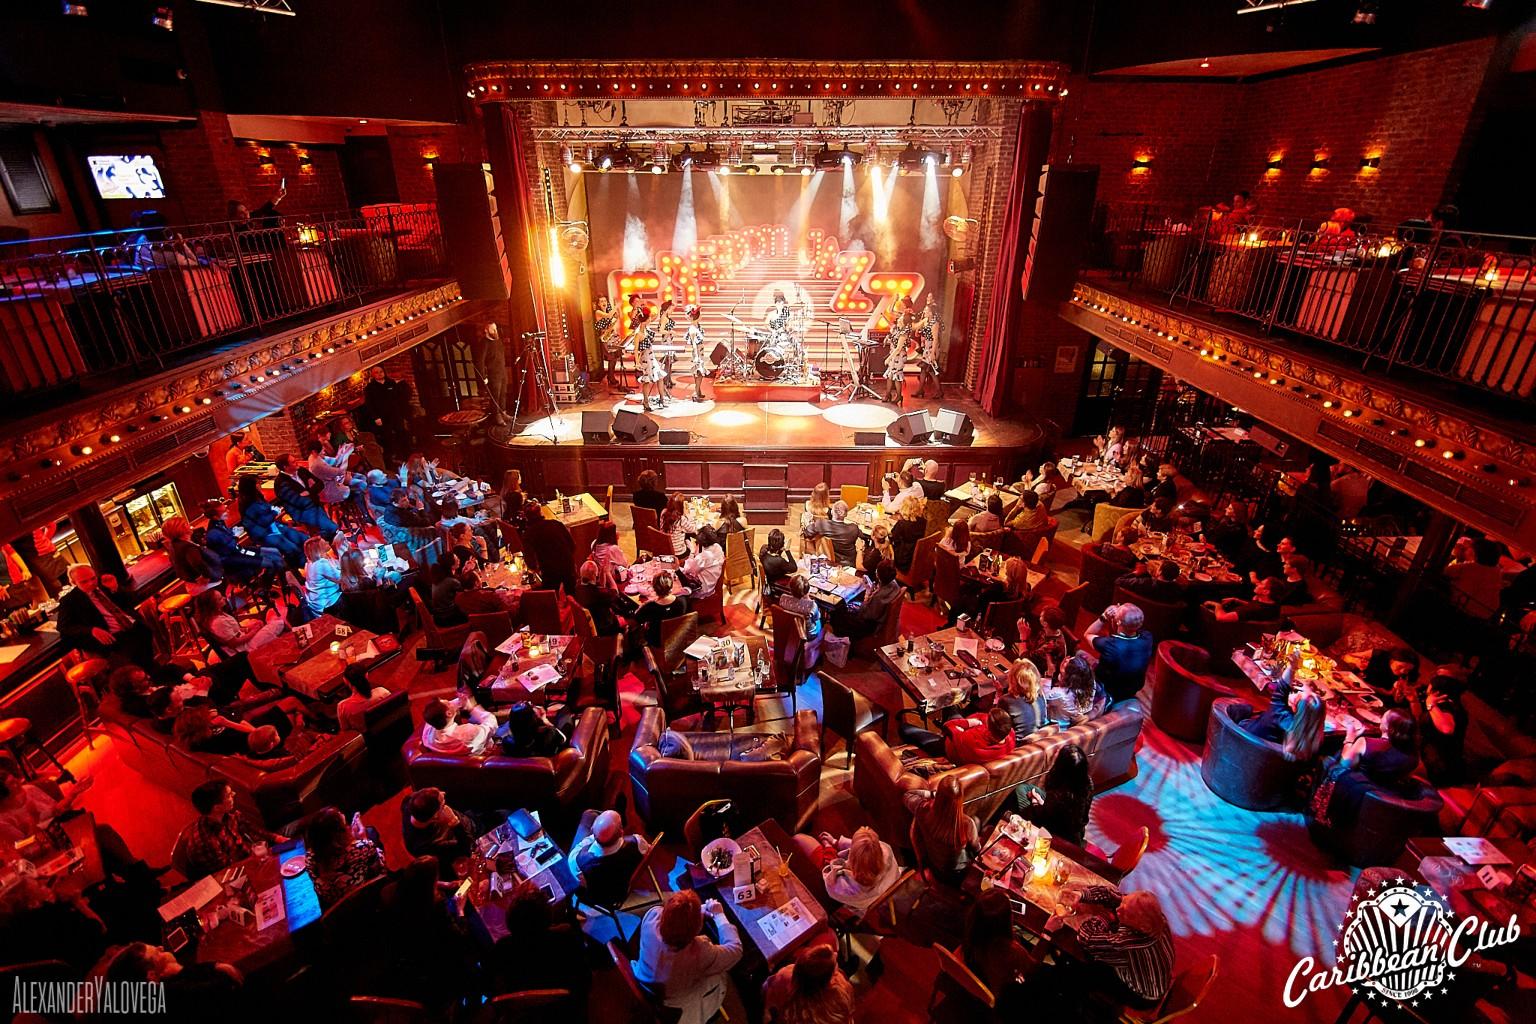 Caribbean Club Concert-Hall